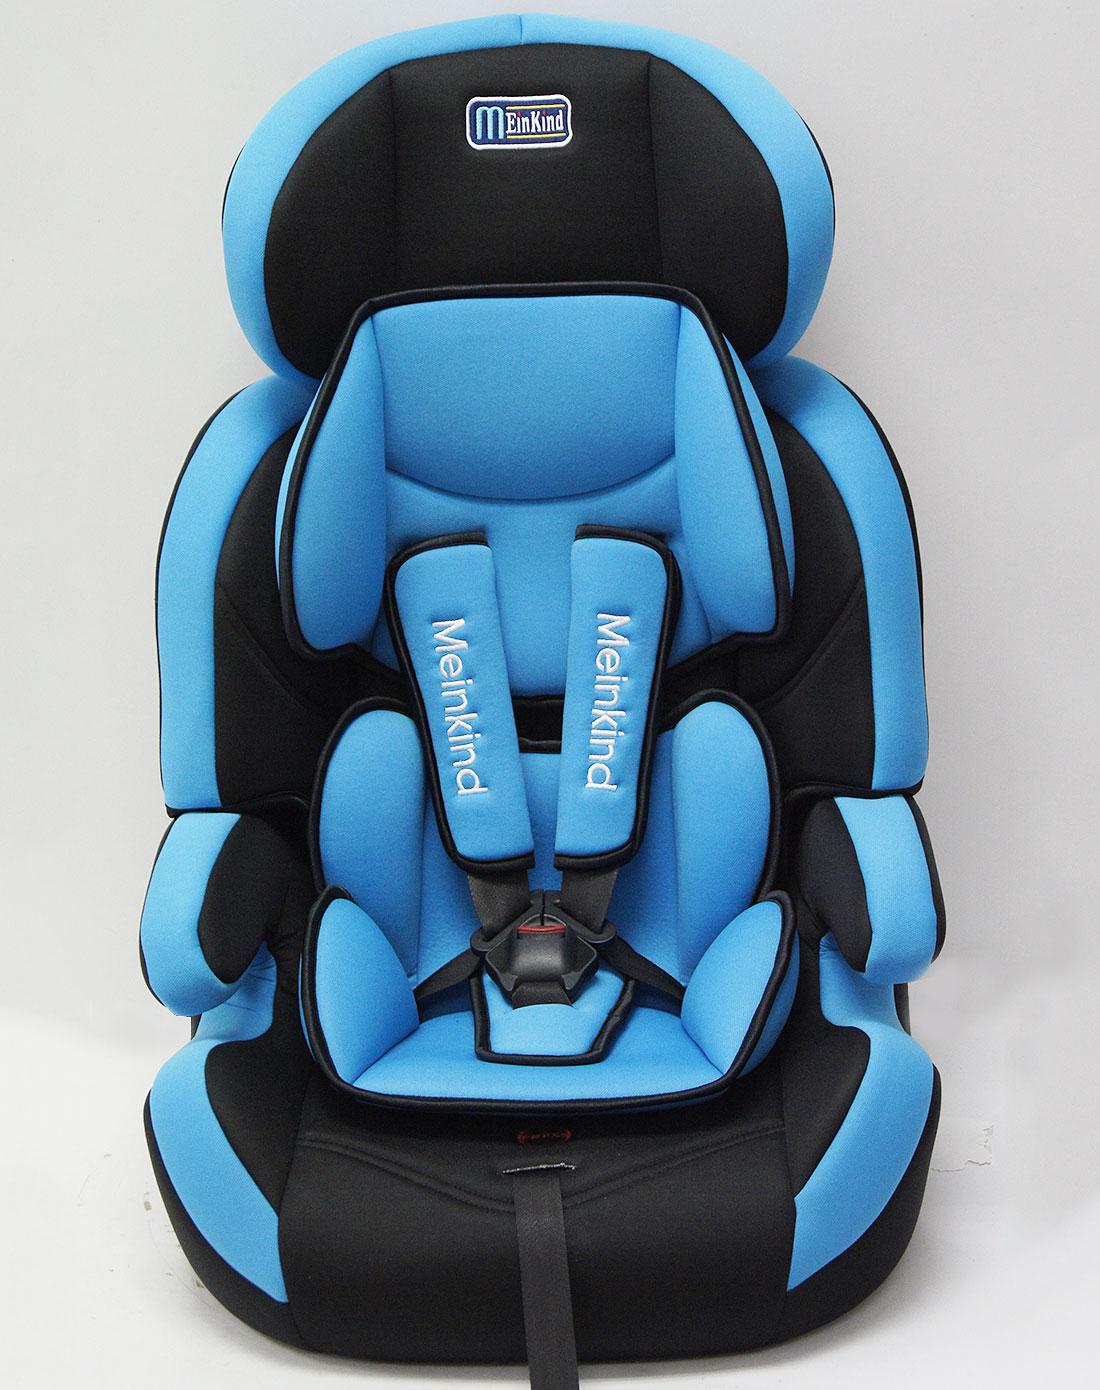 麦凯meinkind座椅儿童汽车安全座椅9个月-12岁s320